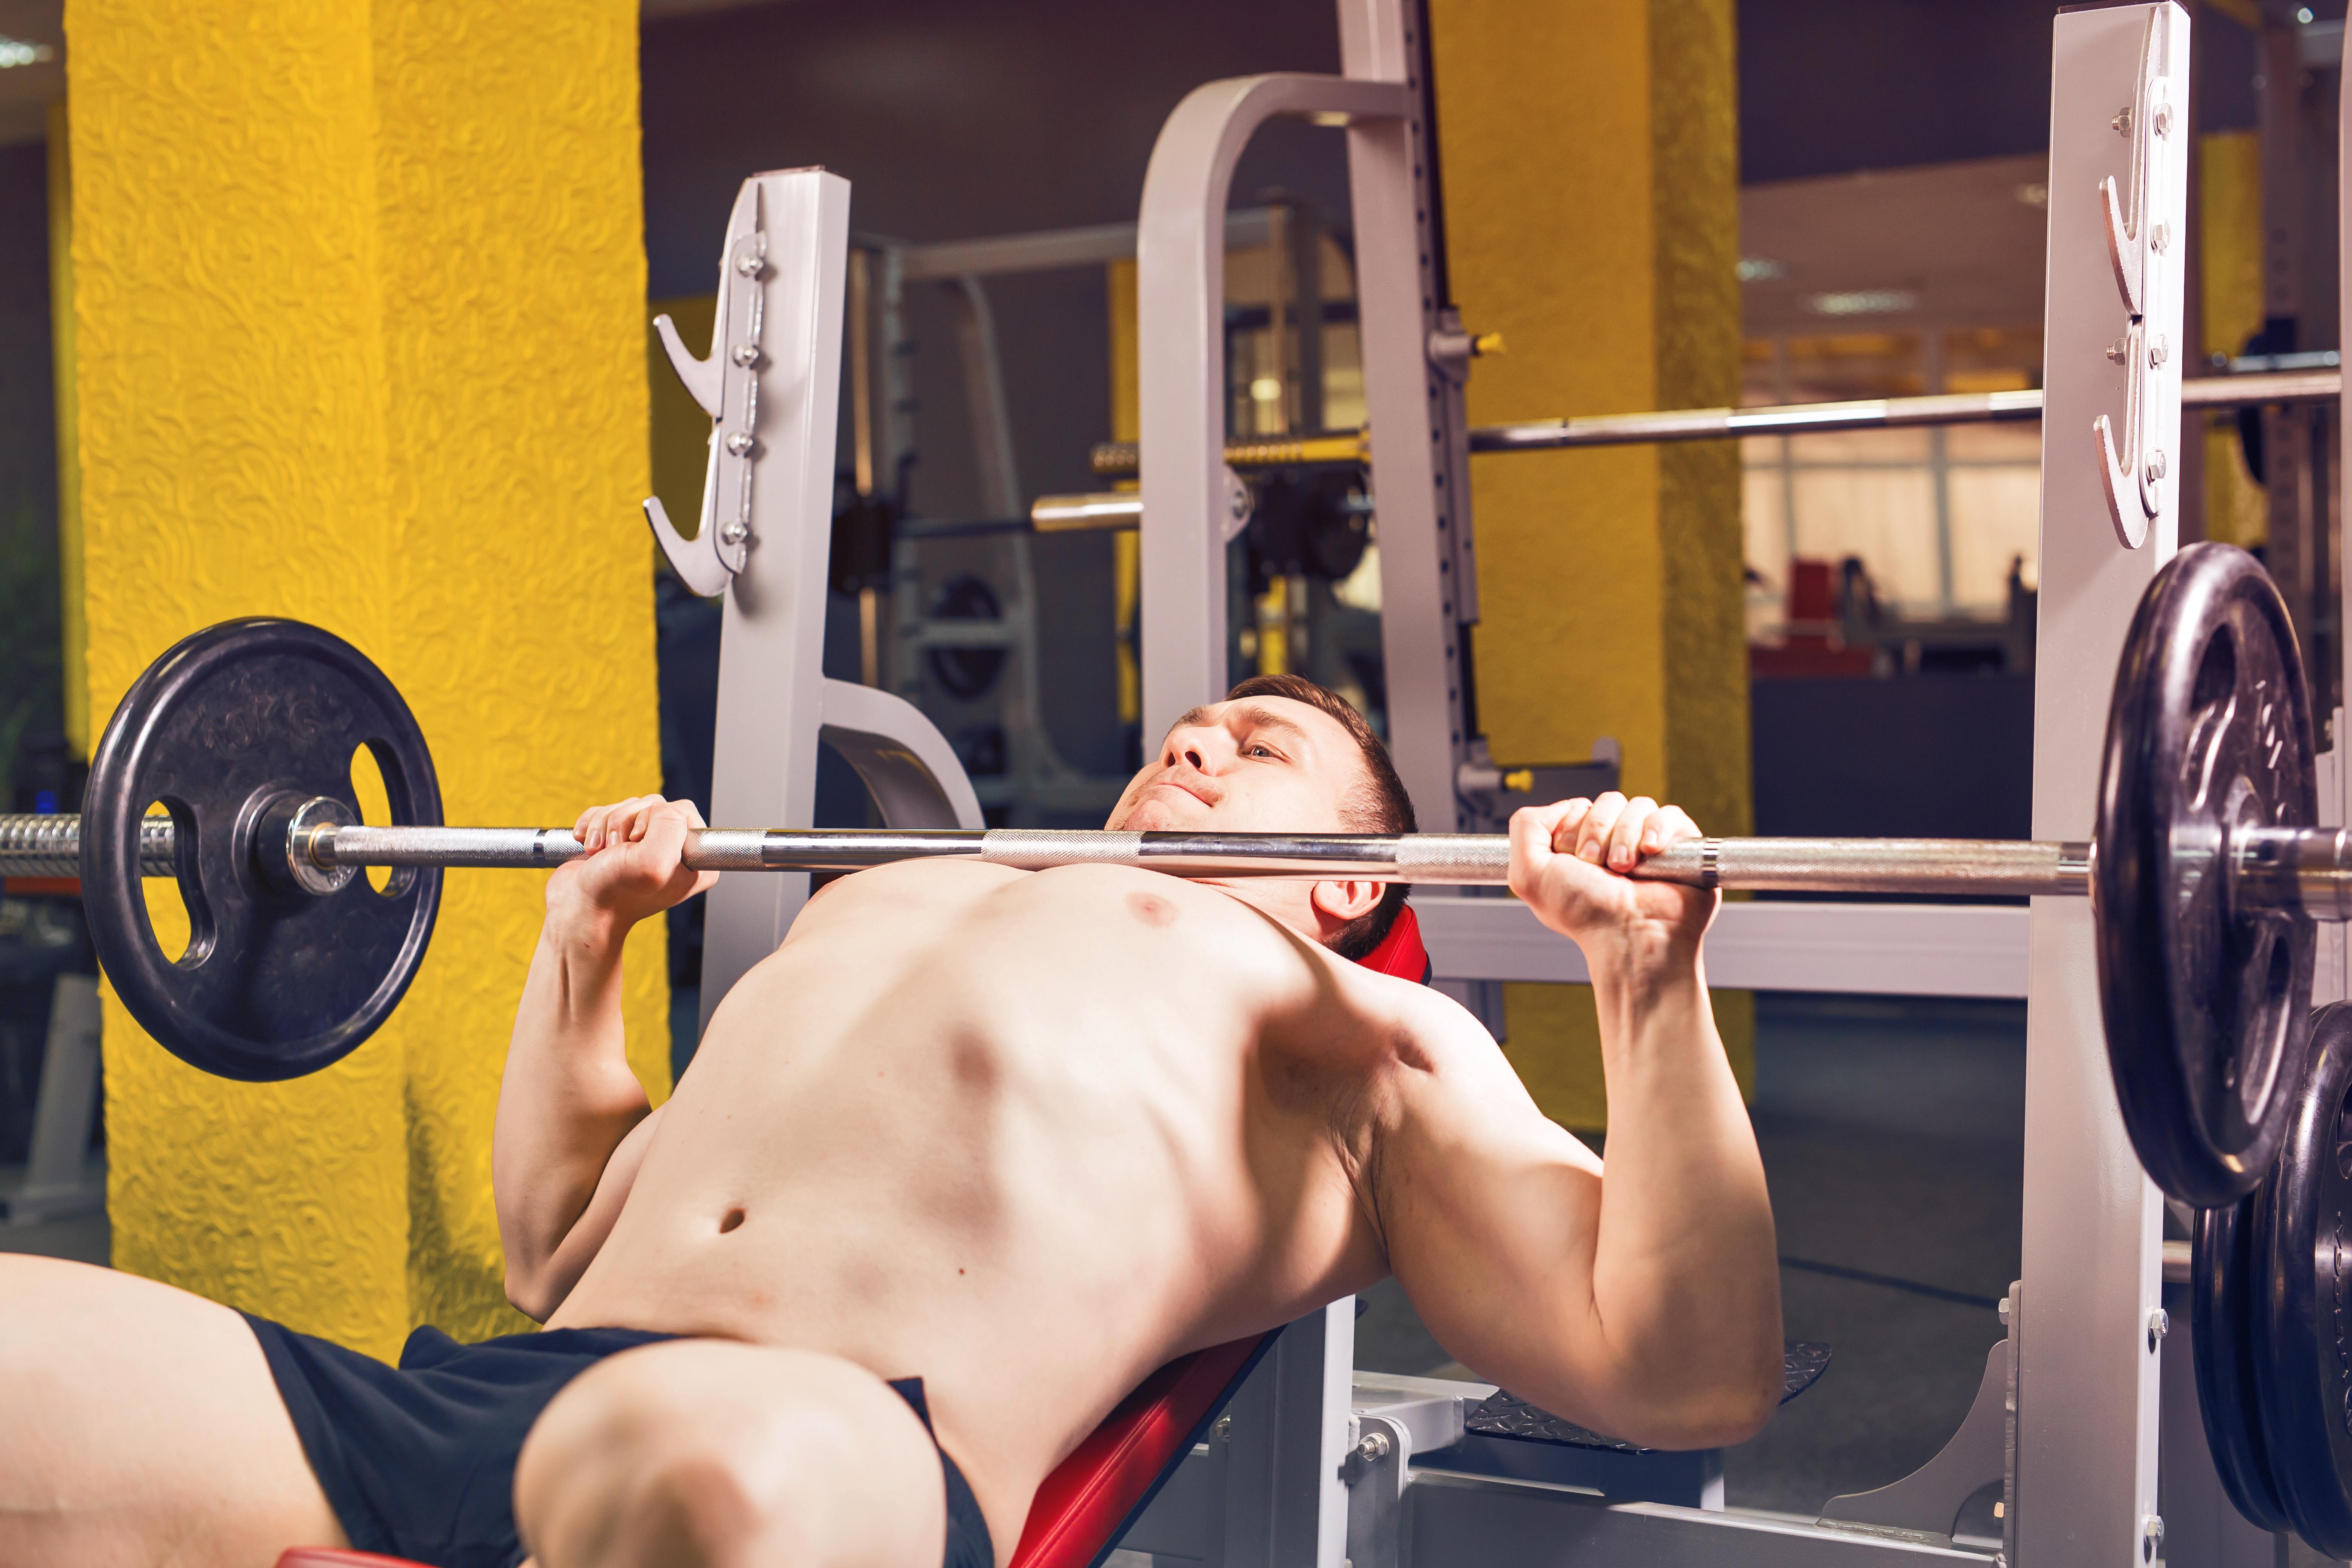 「正しい重量設定」で筋トレをしよう。筋肥大に最適な重量とレップ数(回数)は?低重量で付けた筋肉は落ちやすい!?